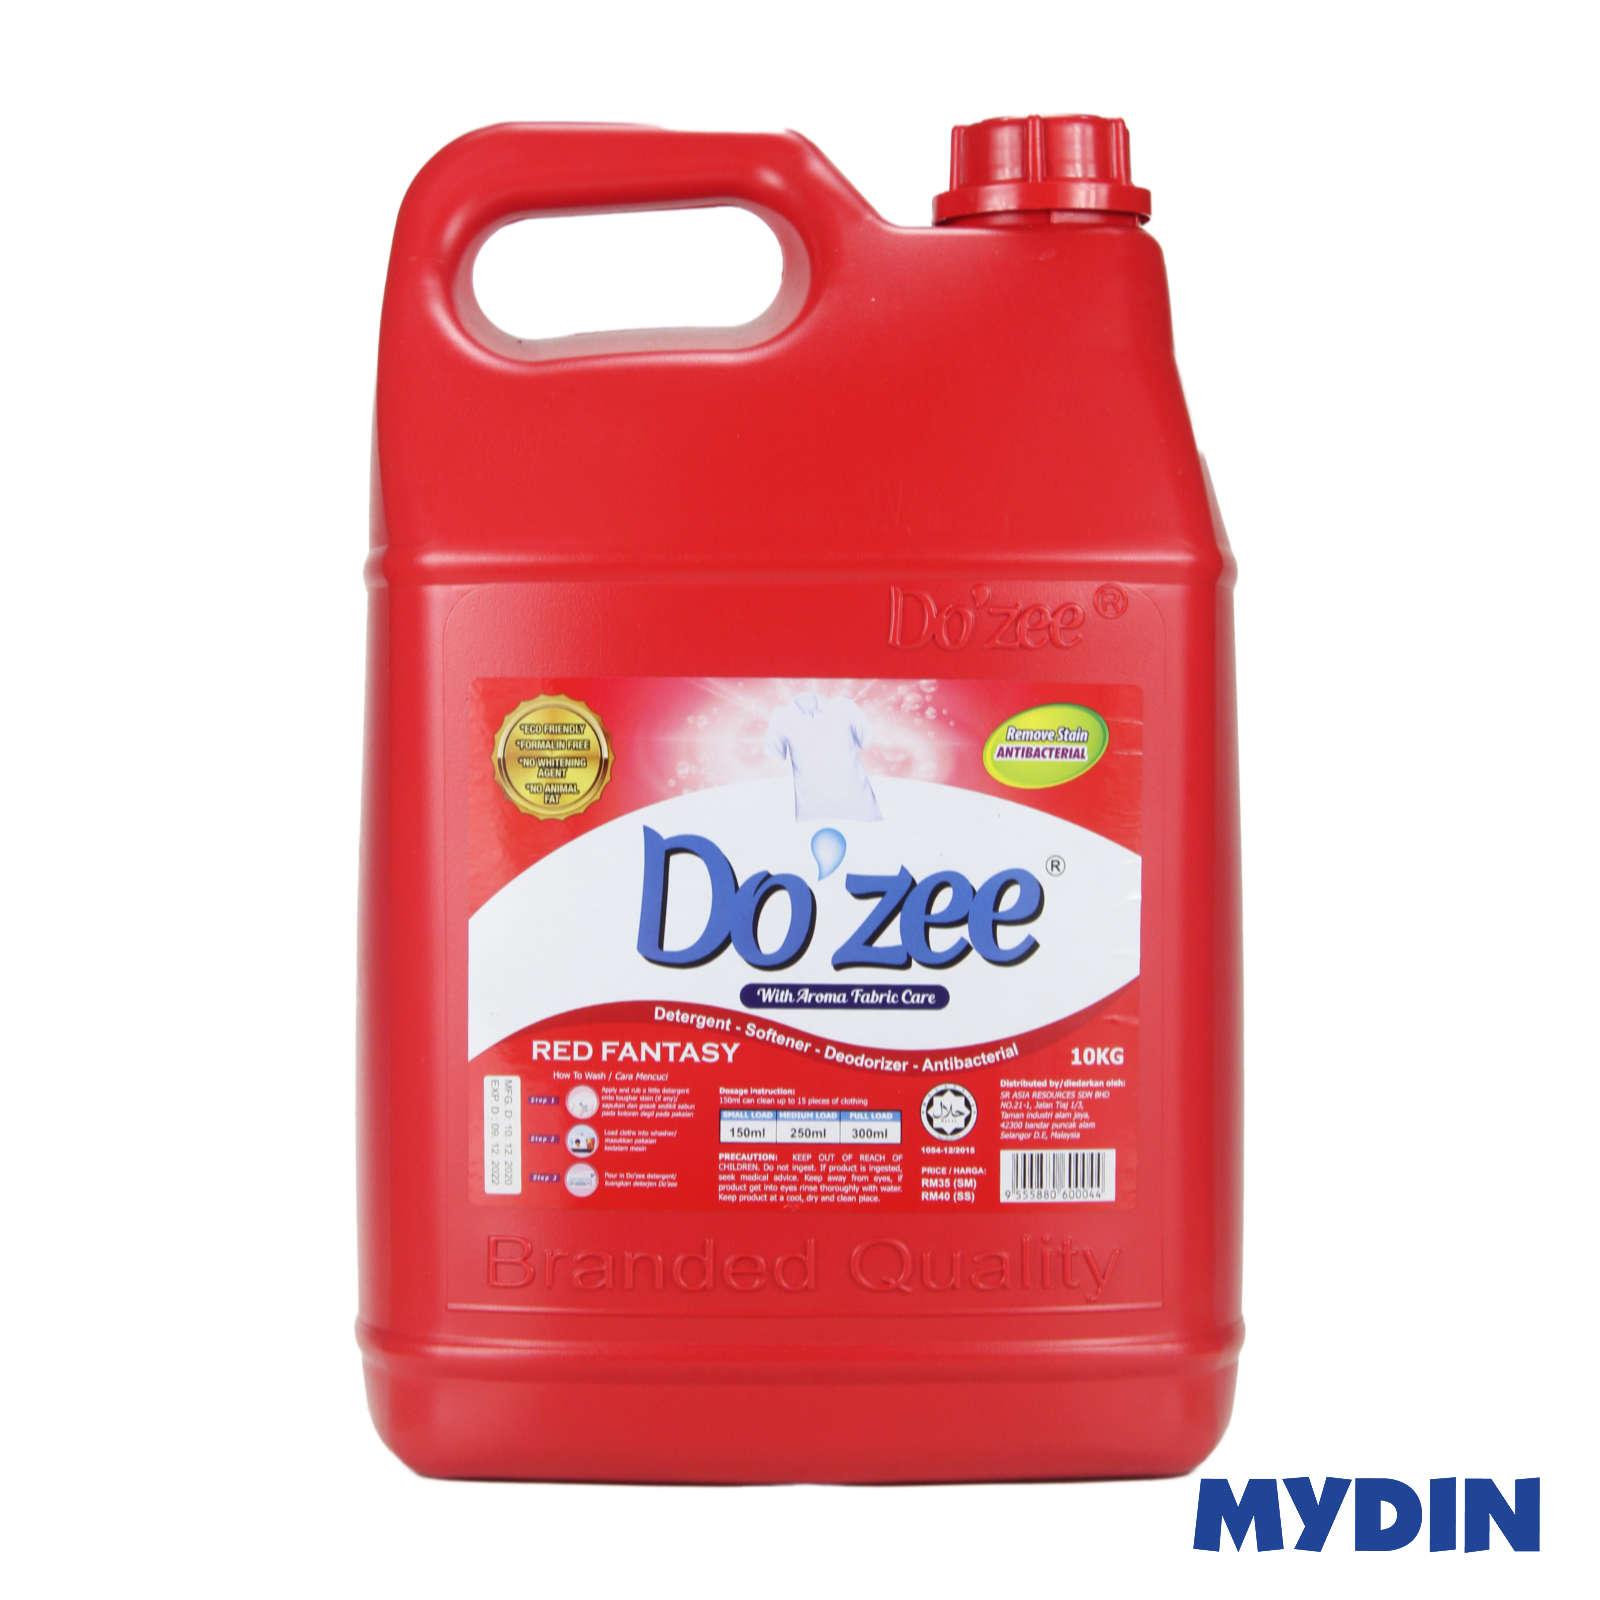 Dozee Detergent Liquid (10kg) - 2 Variants